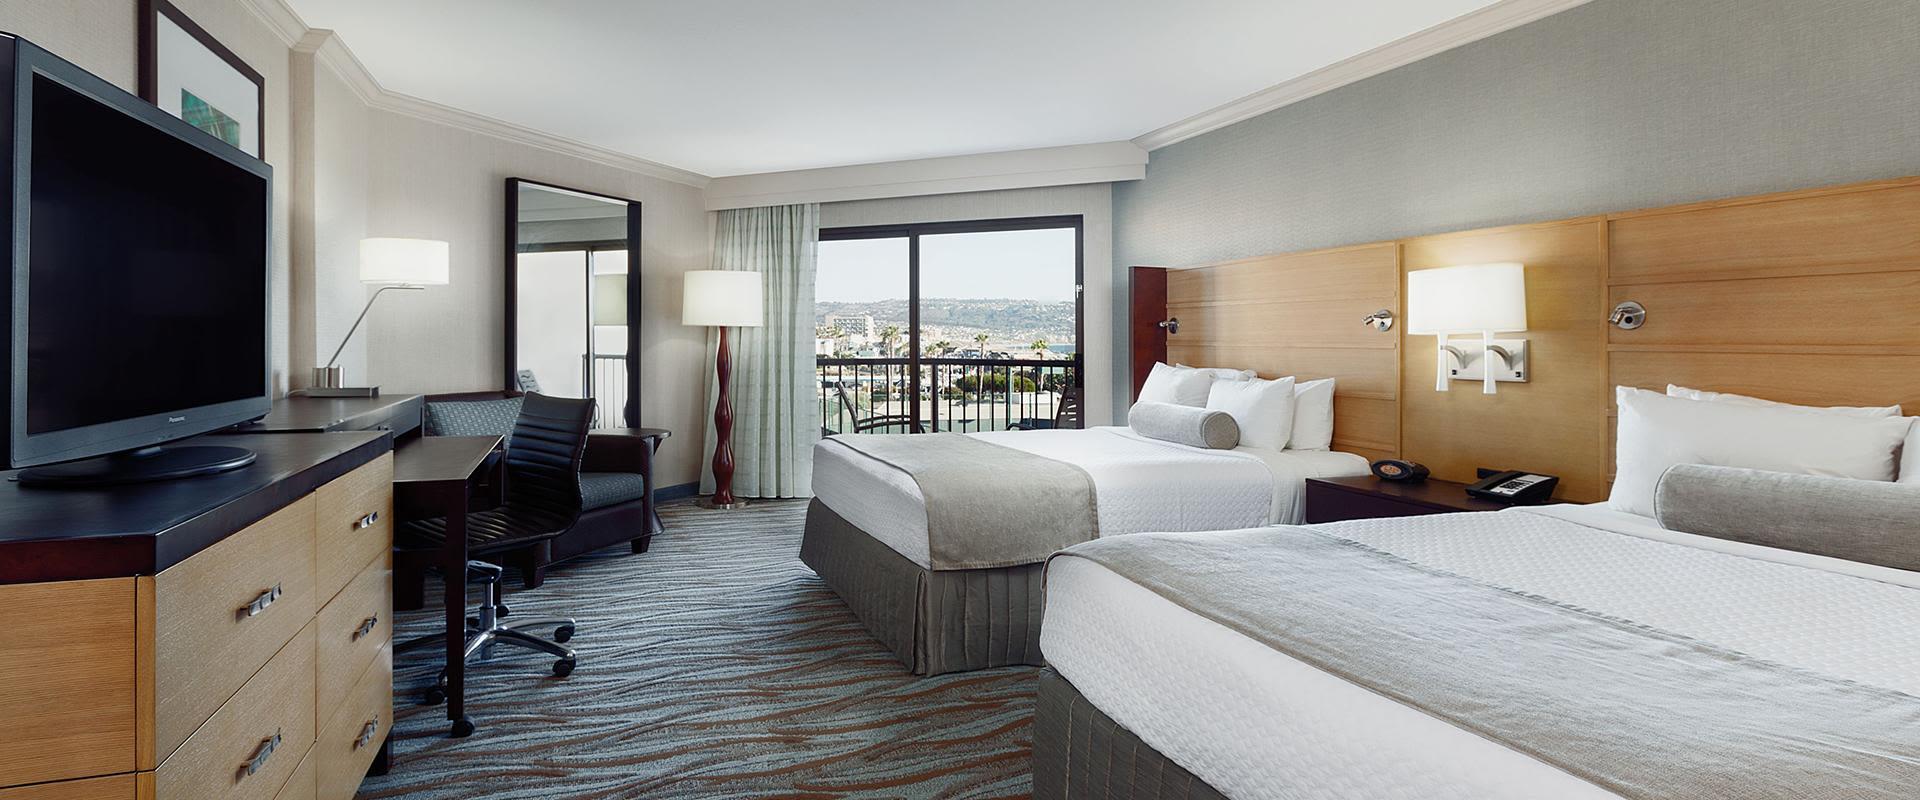 Redondo Beach Queen Beds With Ocean View